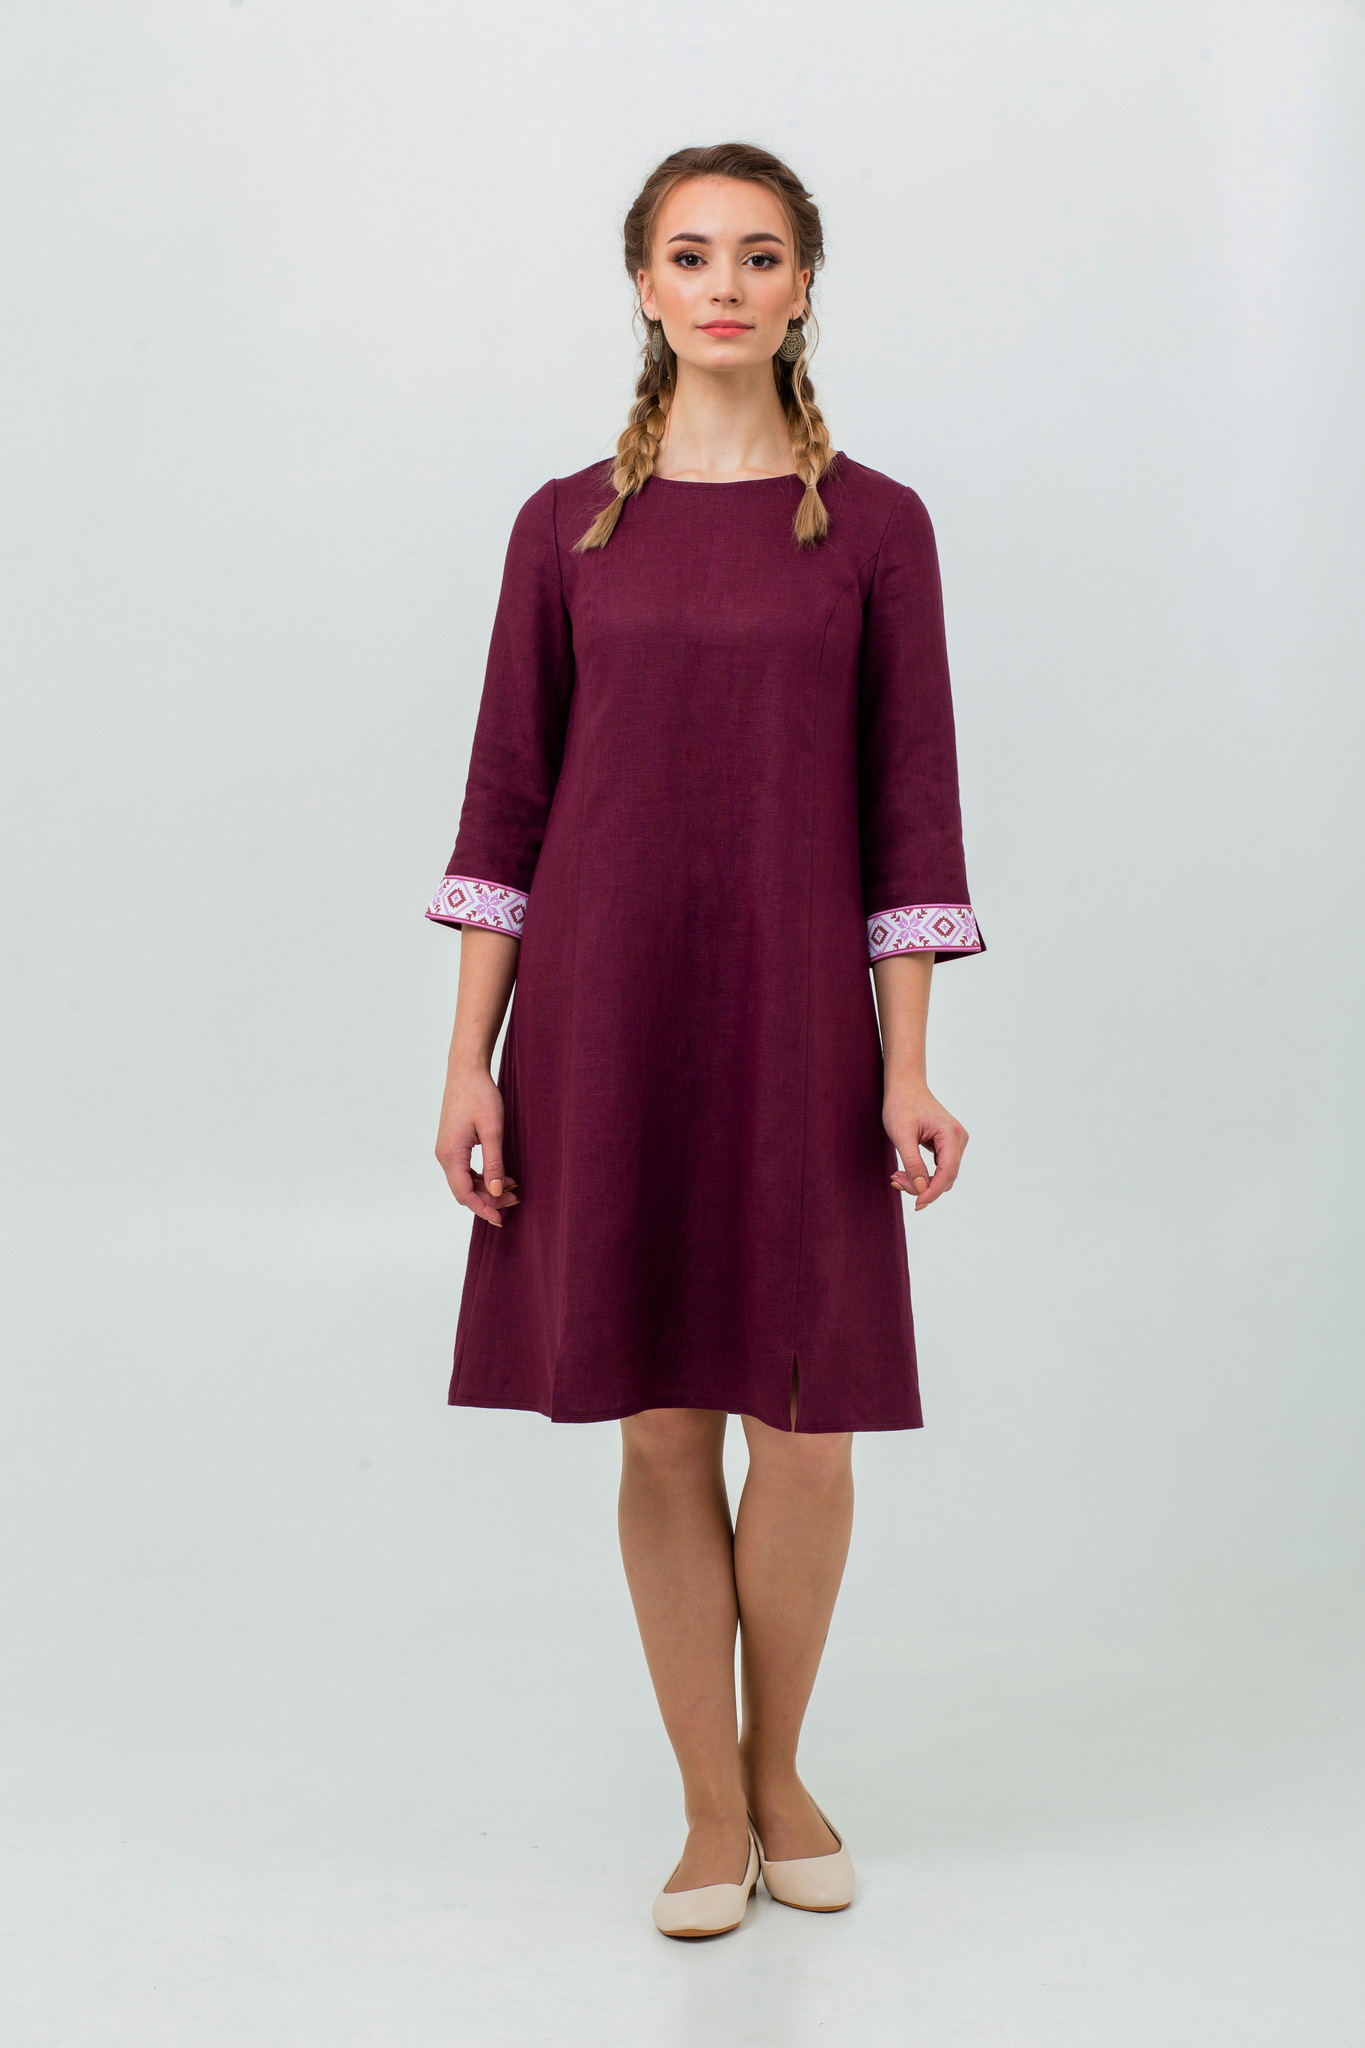 Льняное платье в русском стиле Сочный виноград